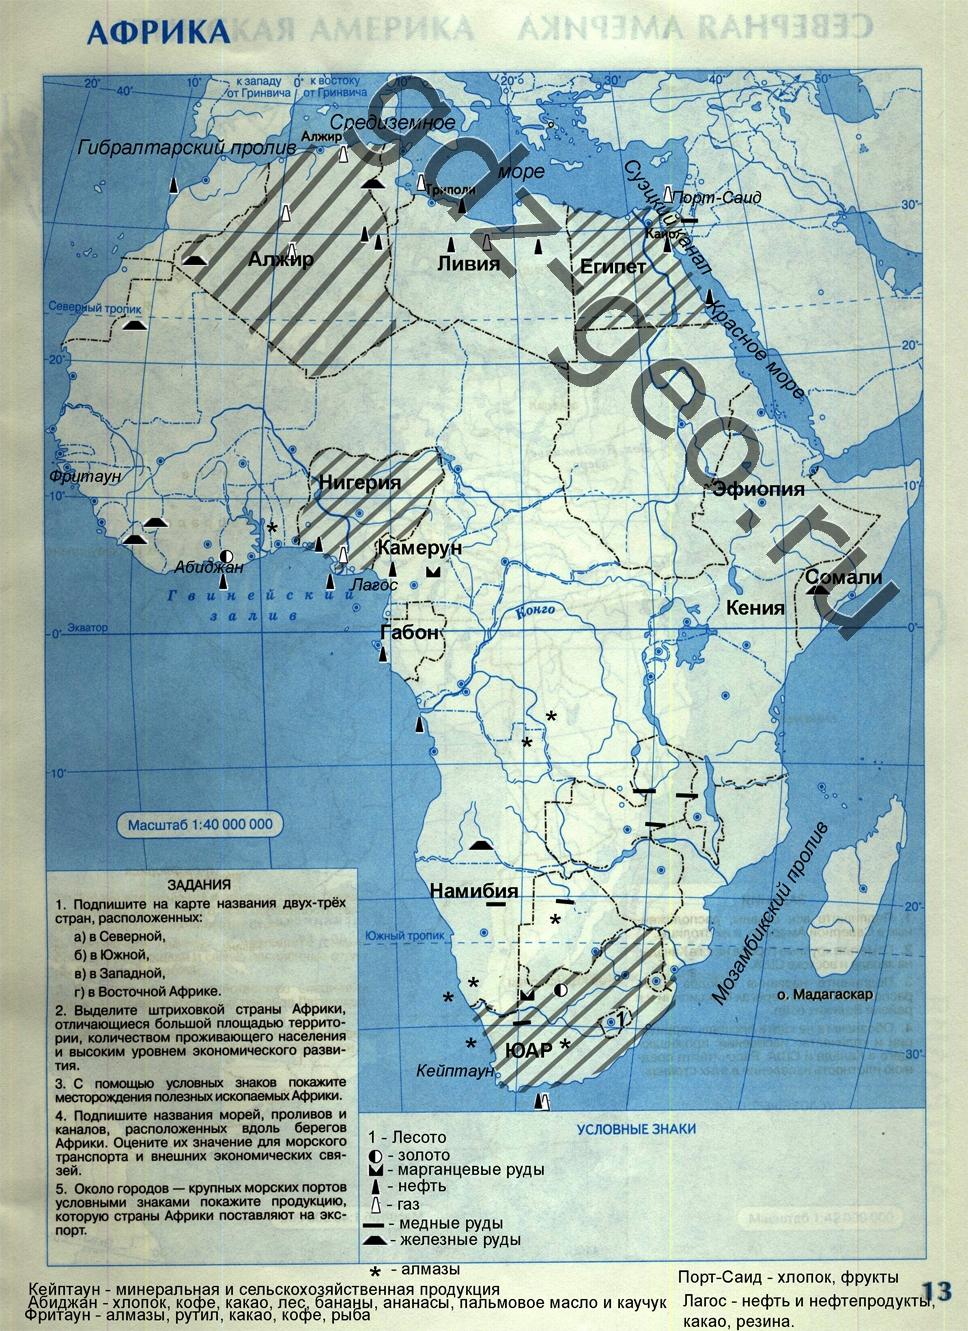 Реферат учащейся класса Суфиевой Салимы на тему Африка  hello html m460afc1b jpg